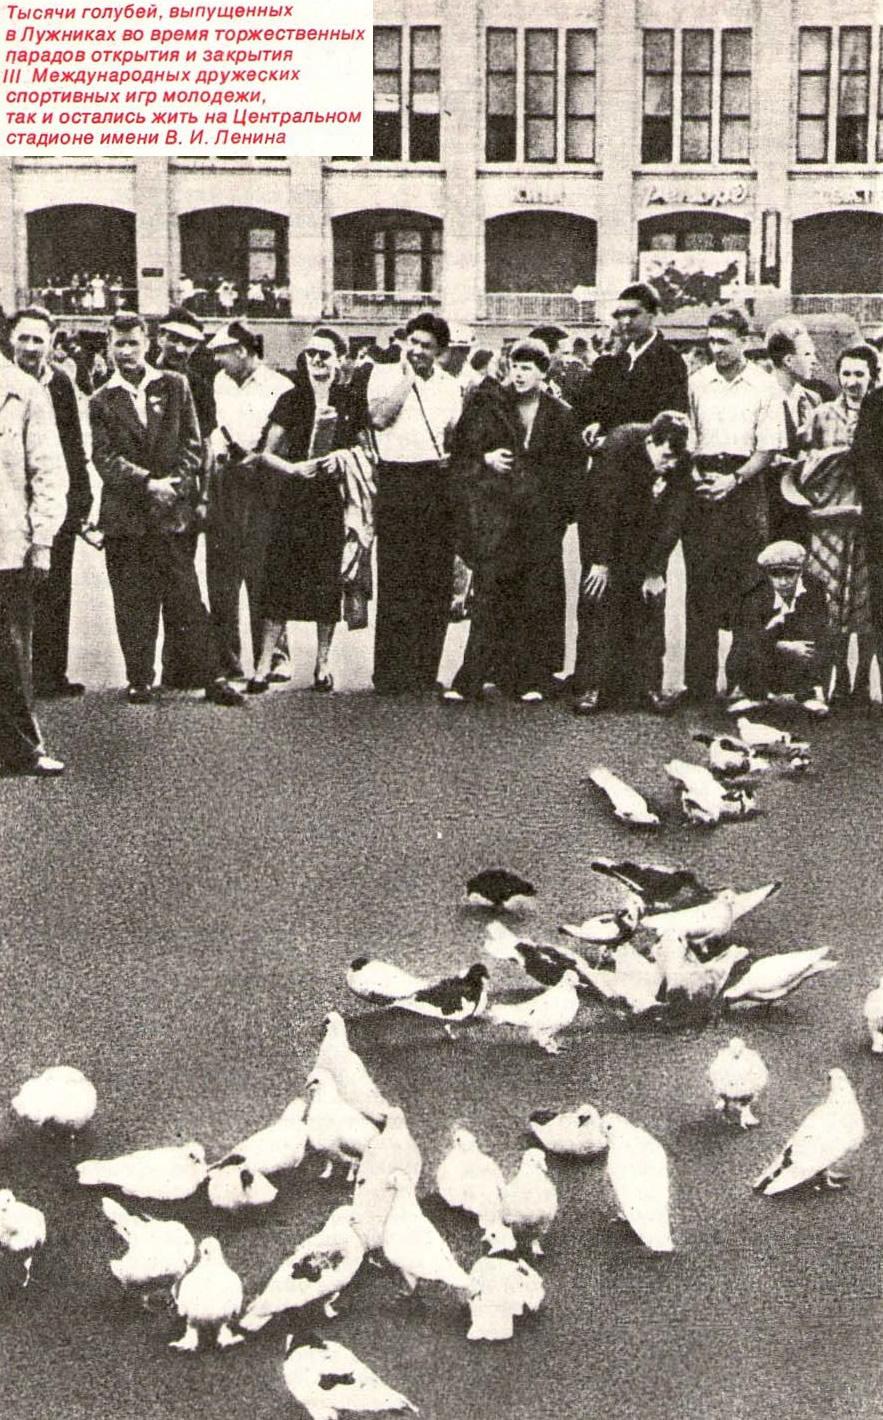 Тысячи голубей остались жить на Центральном стадионе имени В. И. Ленина